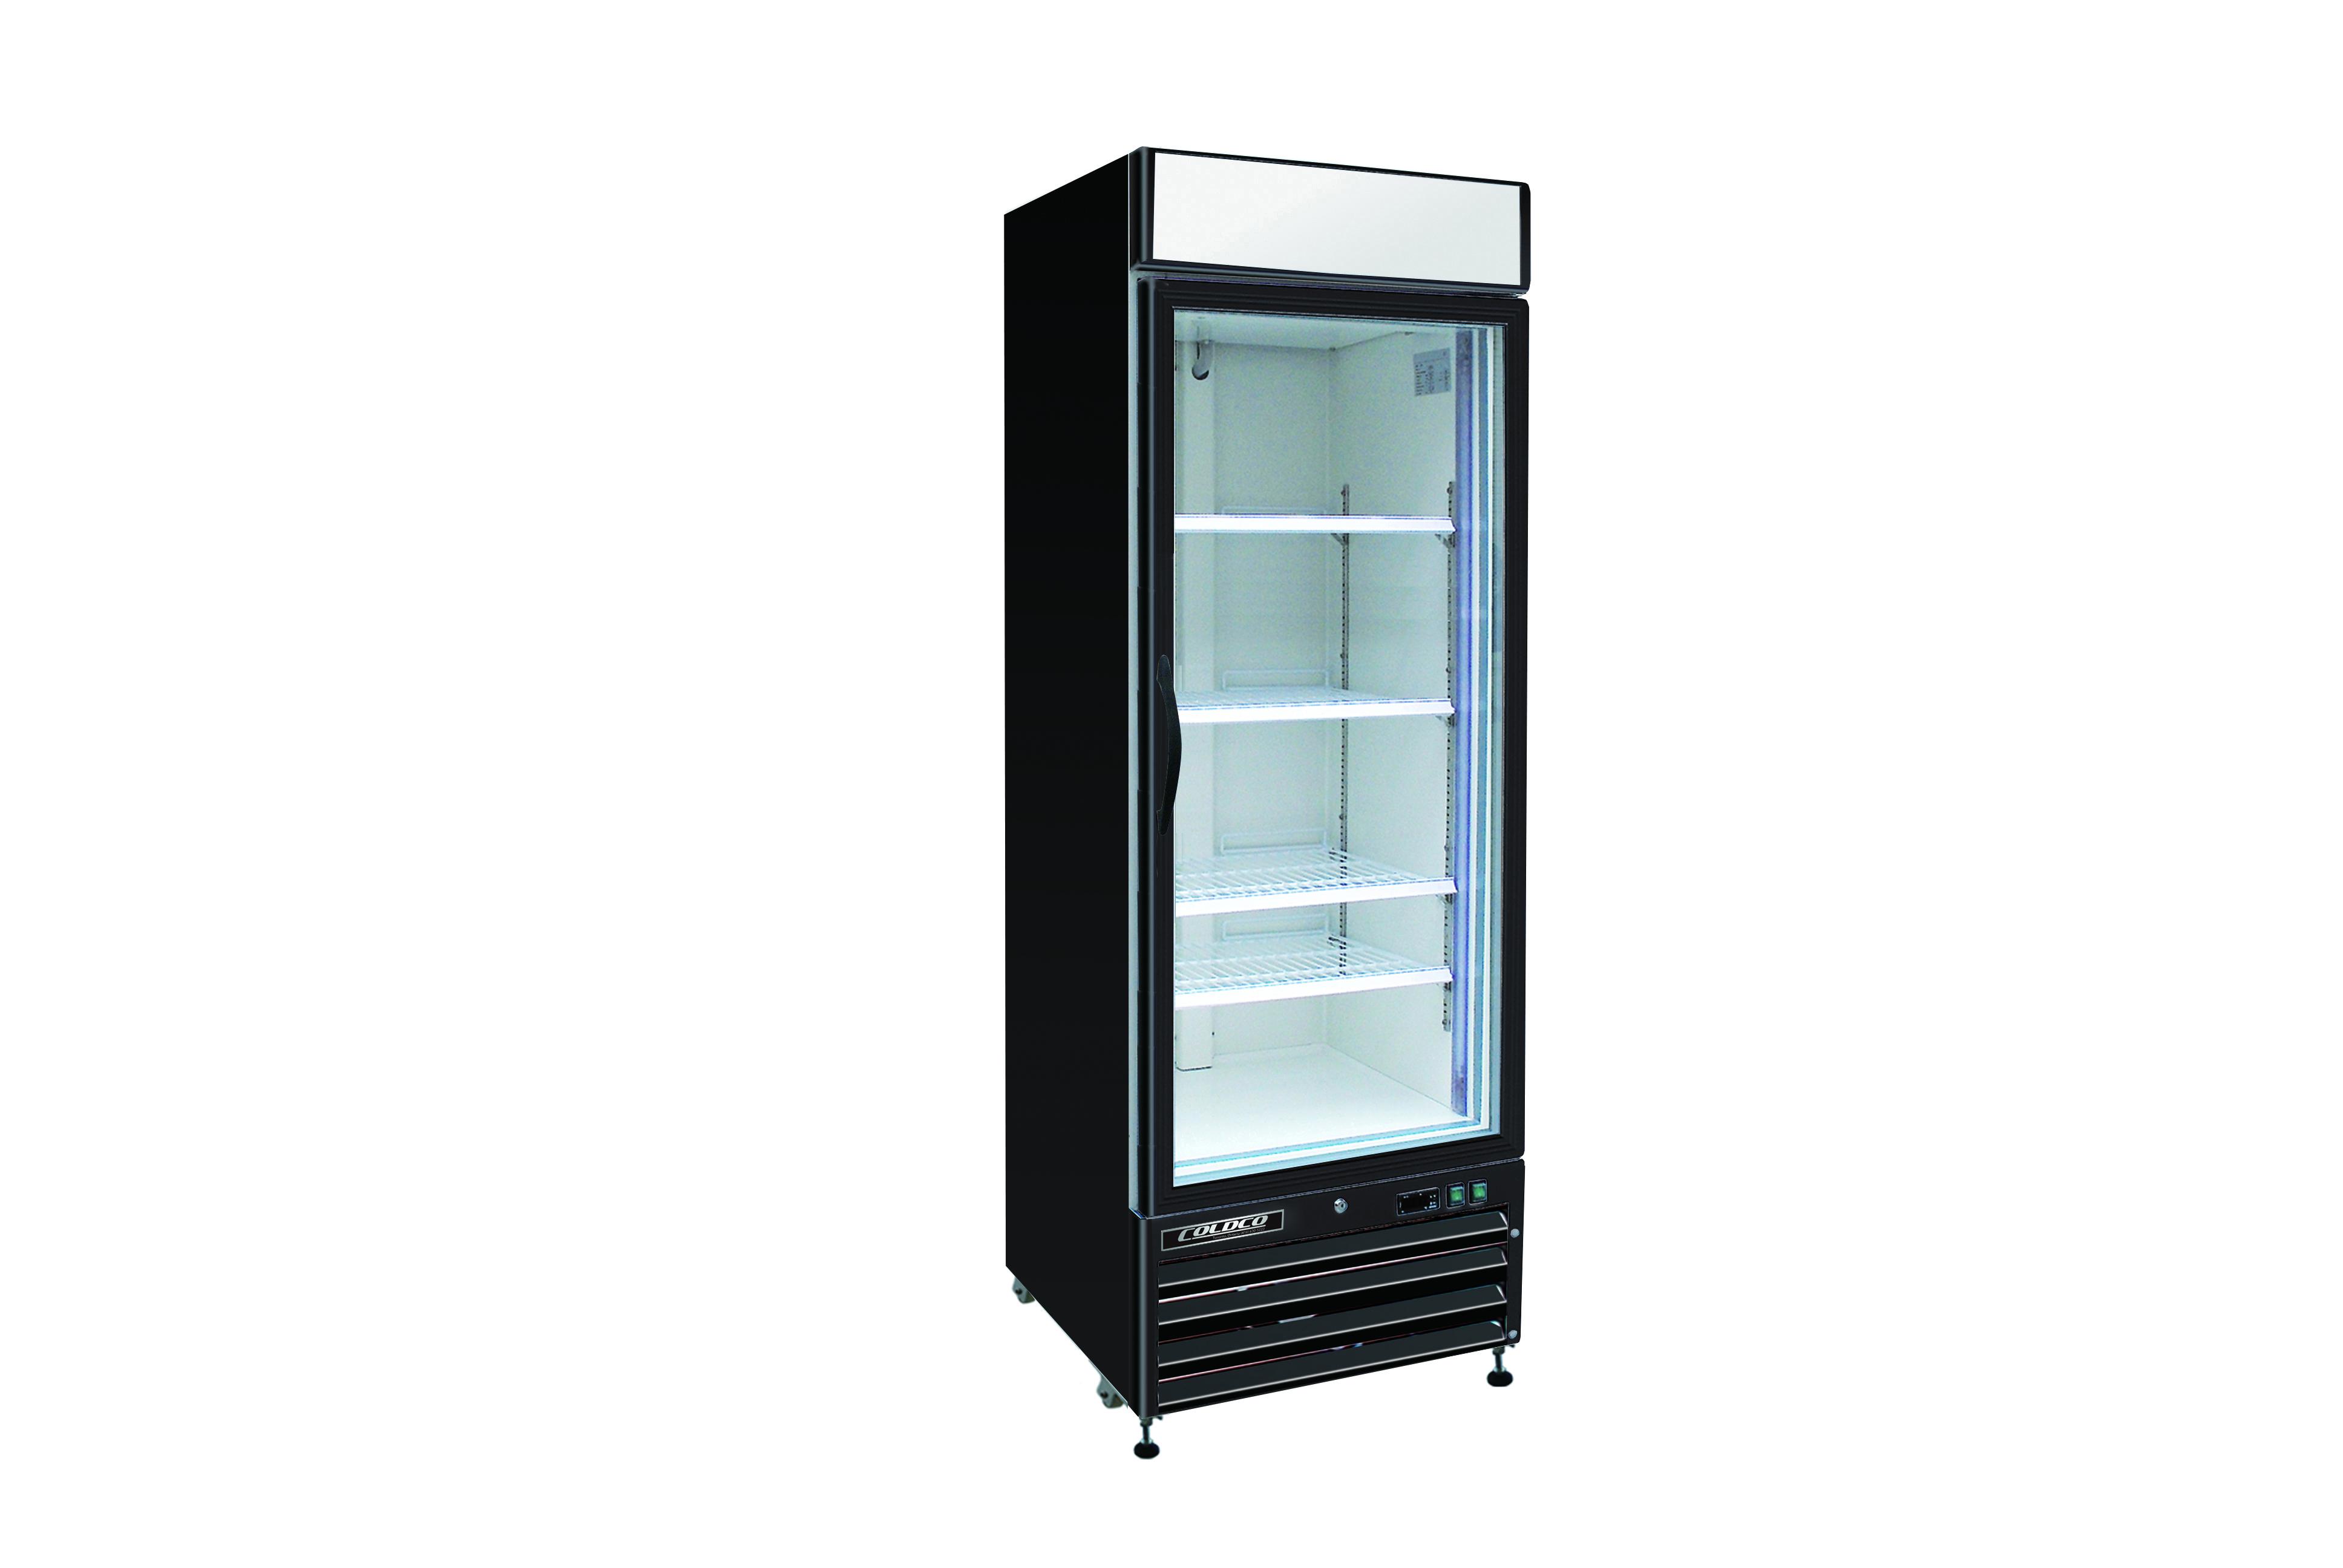 Toronto refrigeration and freezer retailer of hussmann for 1 glass door refrigerator